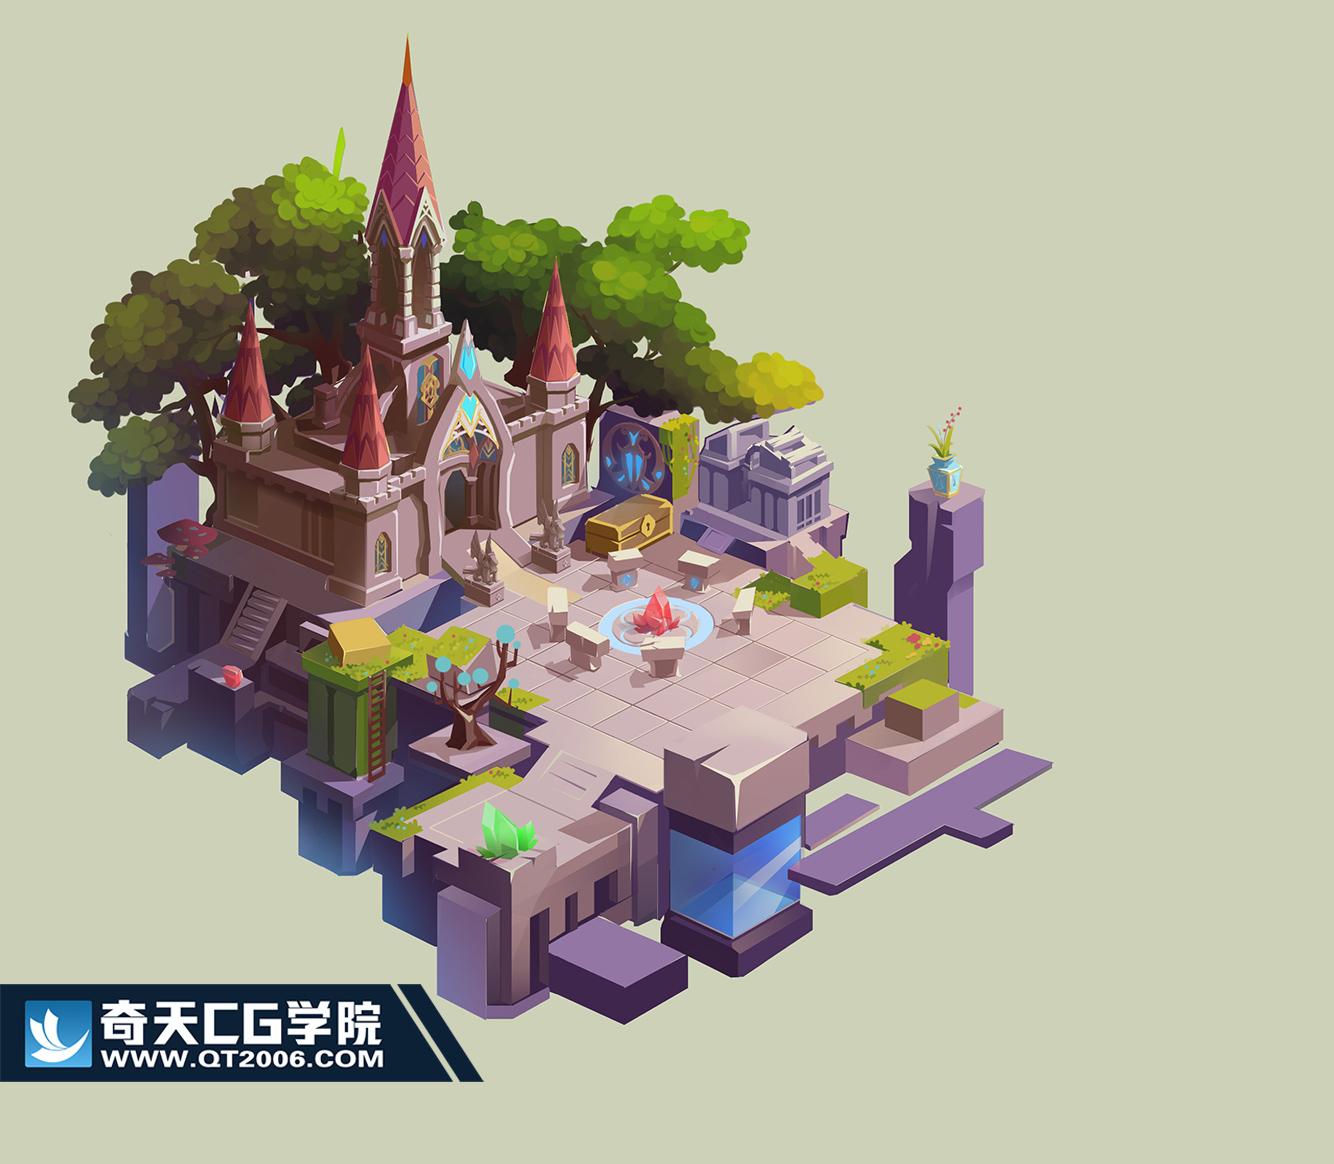 奇天CG学院,游戏场景,34214124